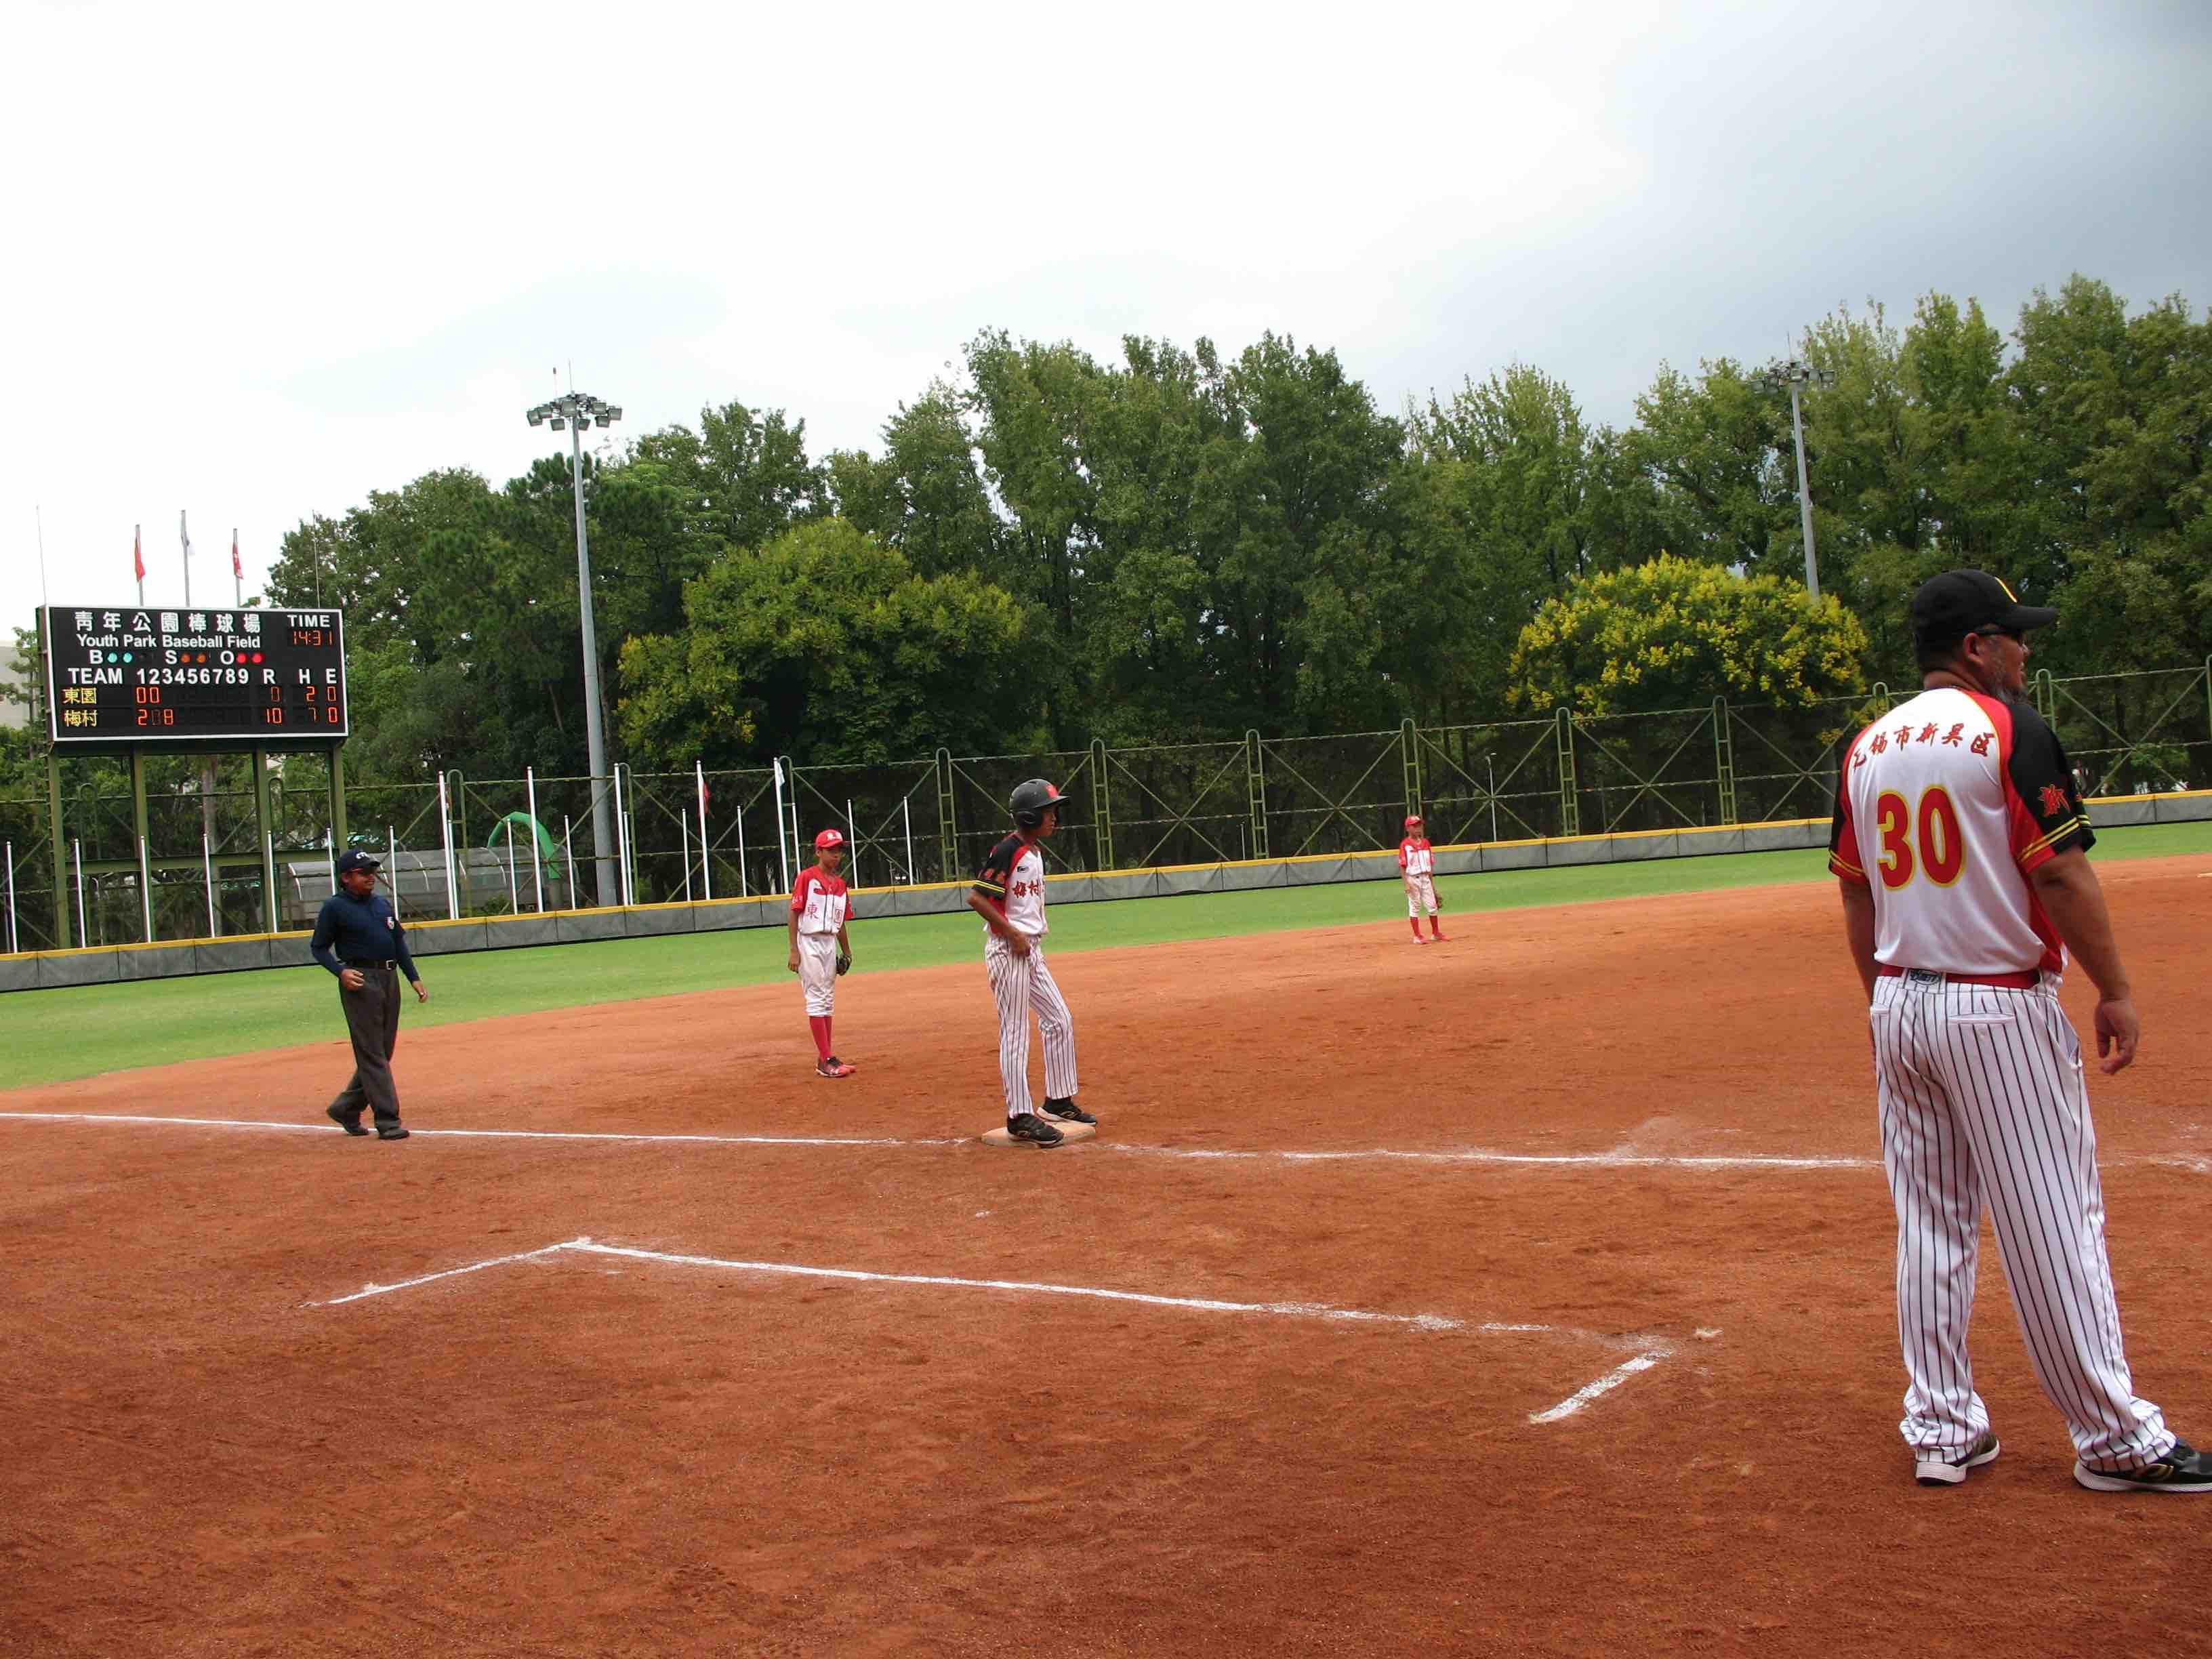 李偉教練站上三壘指導區給場上的無錫梅村實驗小學棒球隊小球員指導。